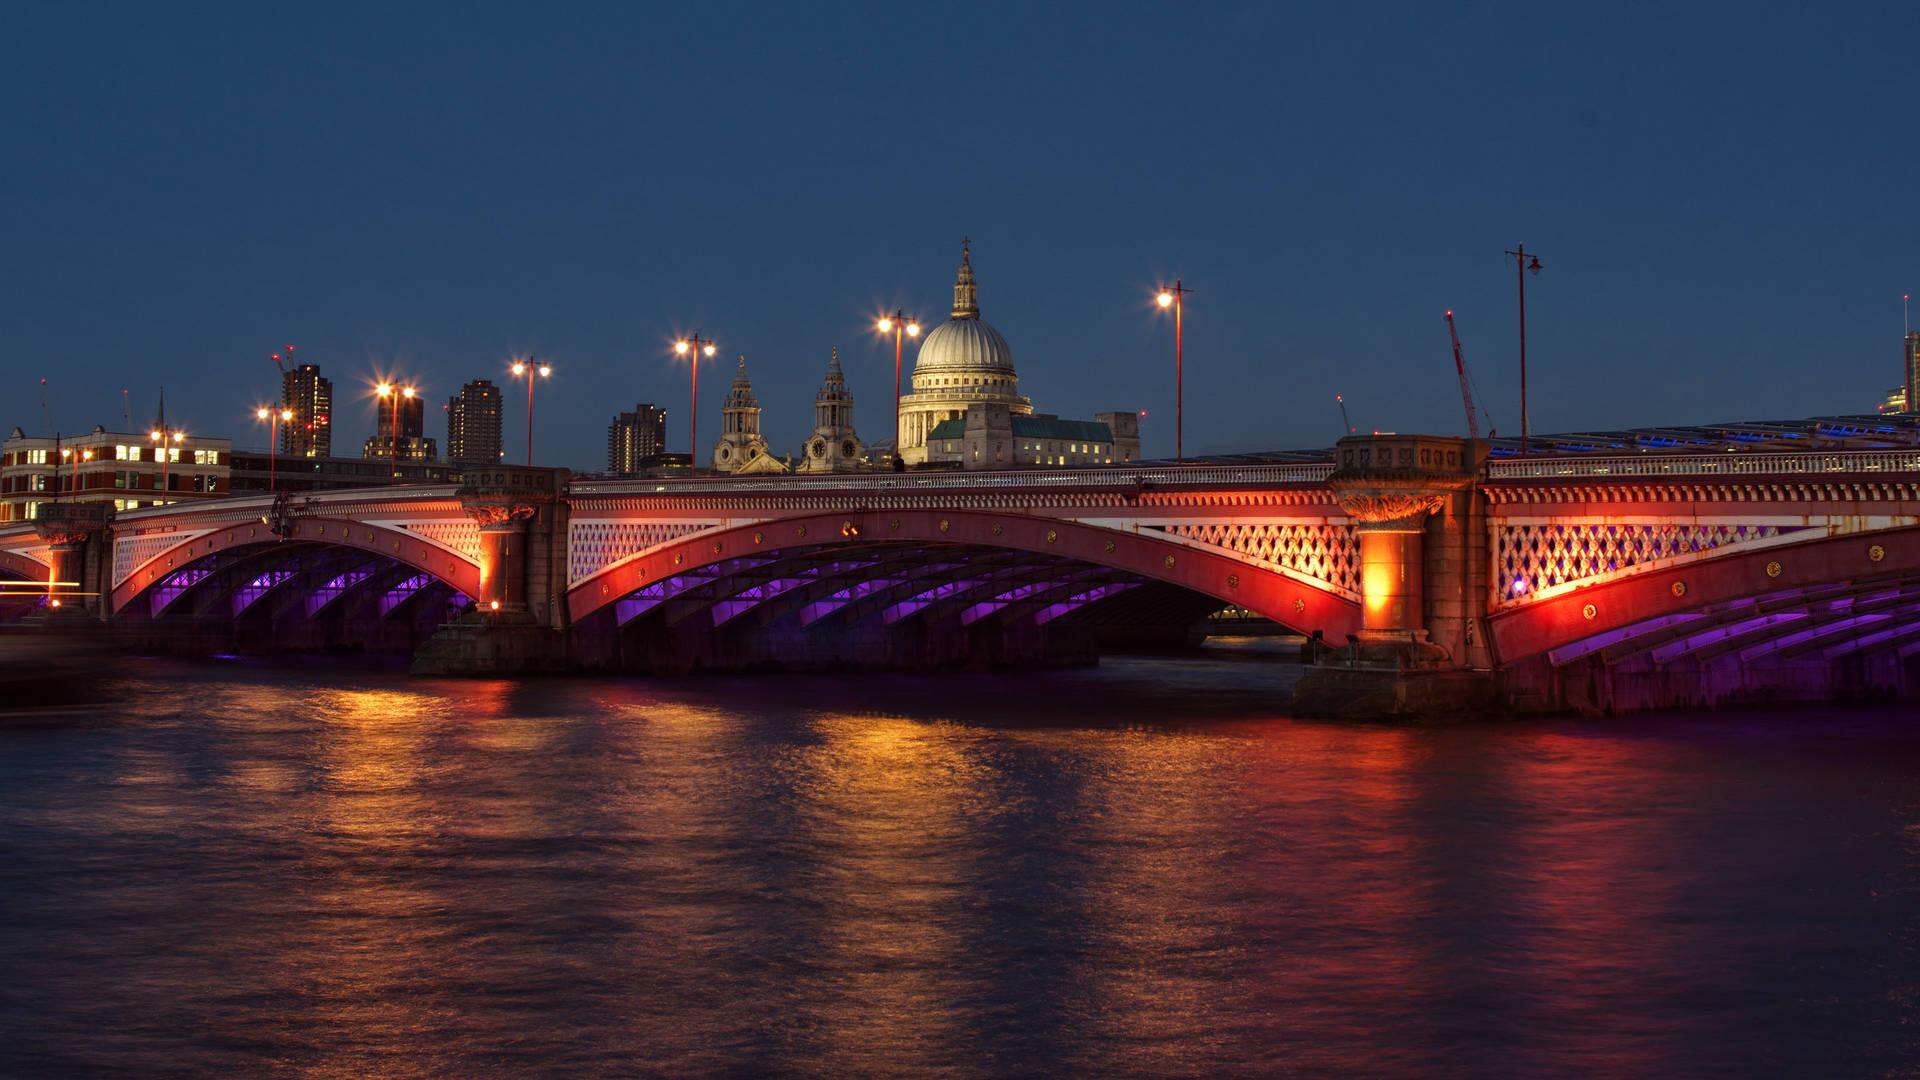 Illuminated Thames River at night London